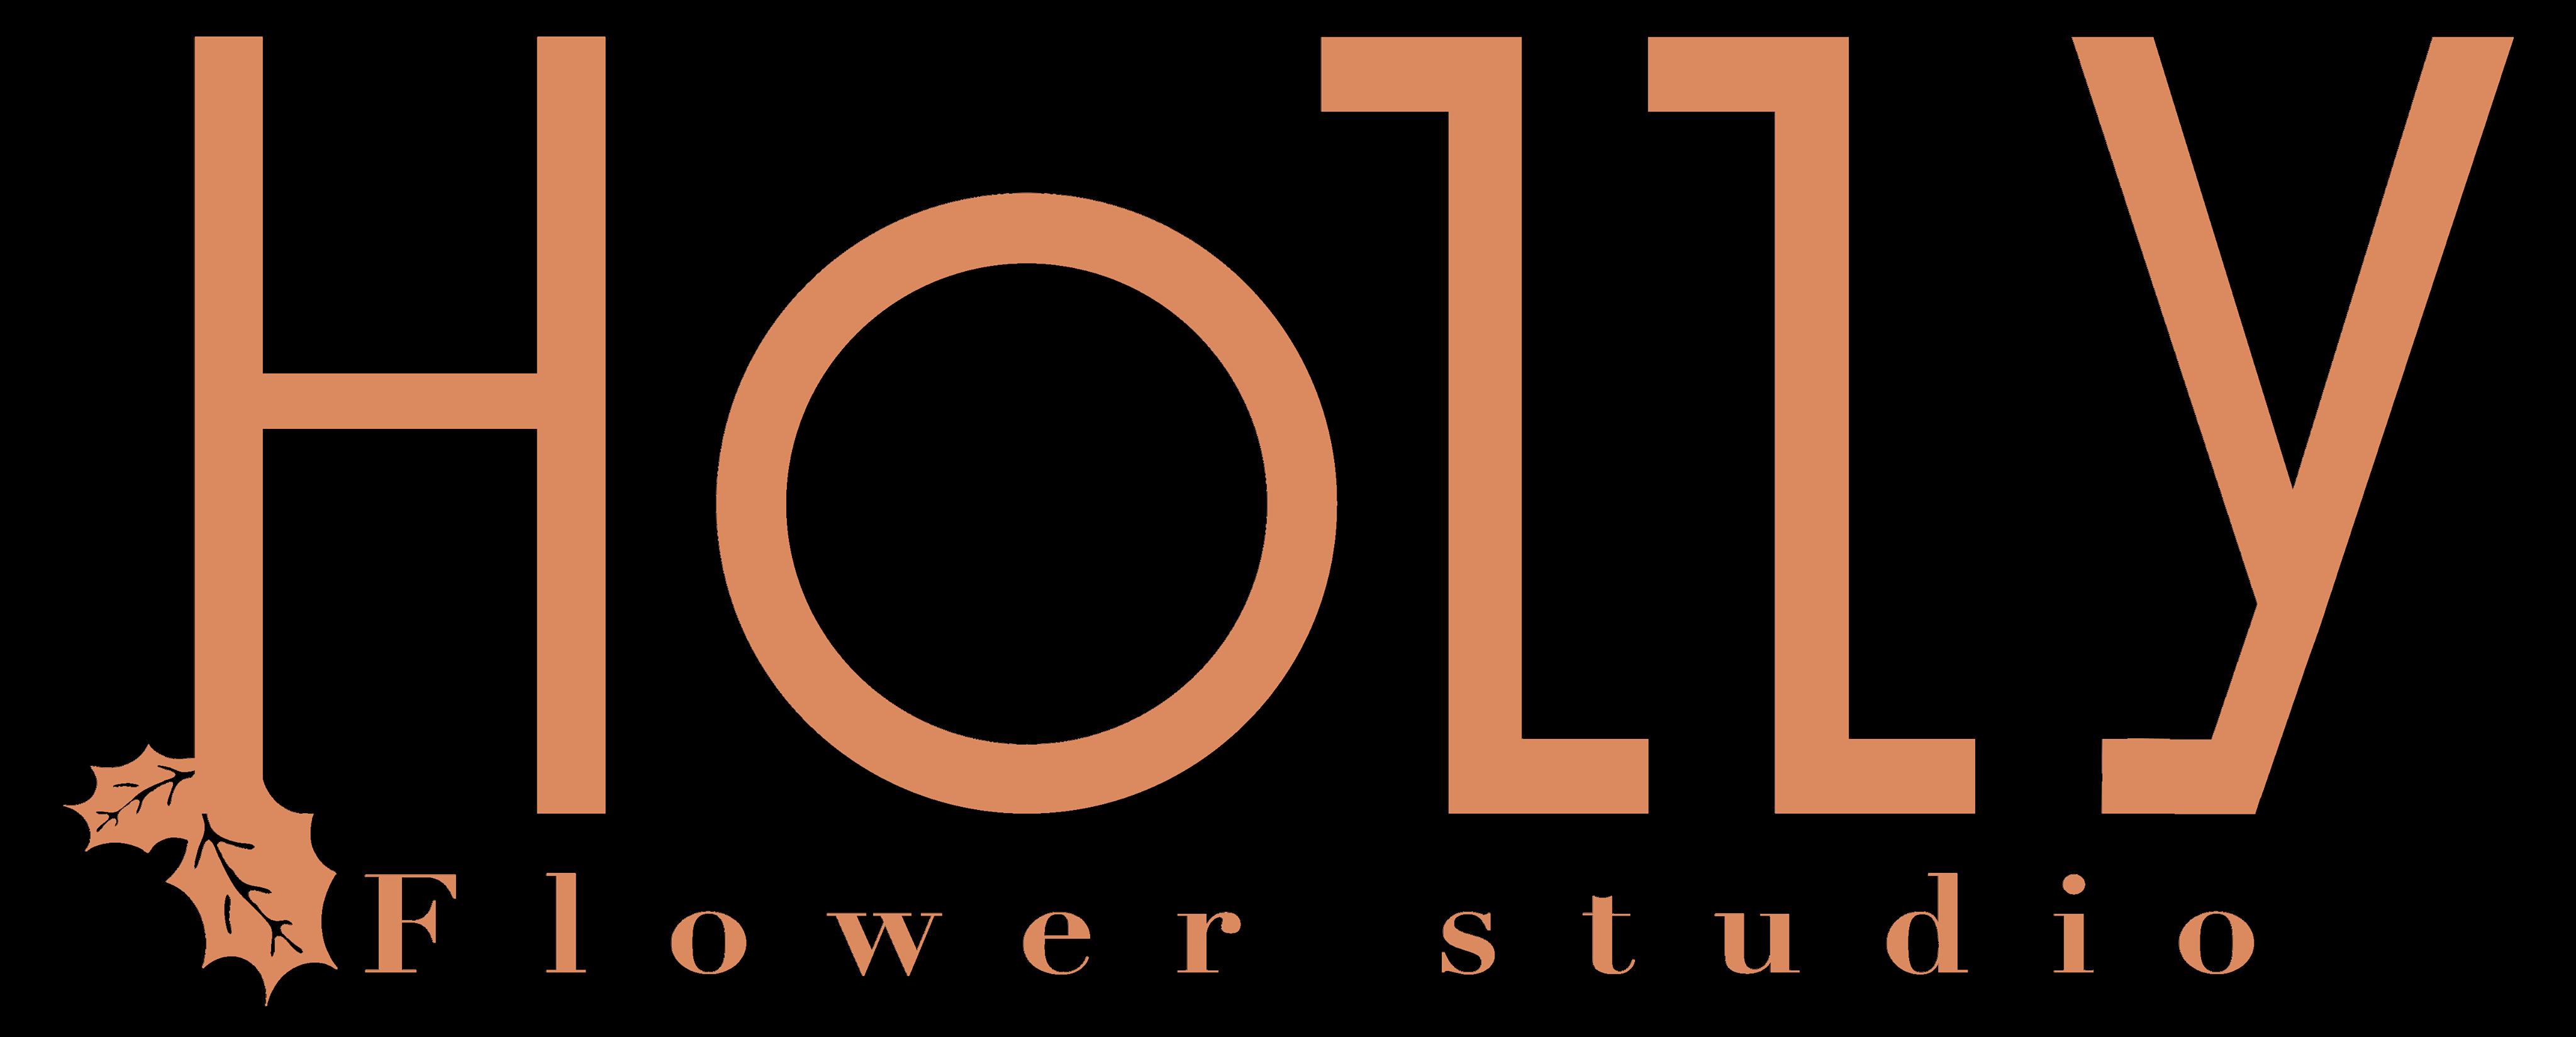 Holly Flower Studio Aps CVR: 4118 4302